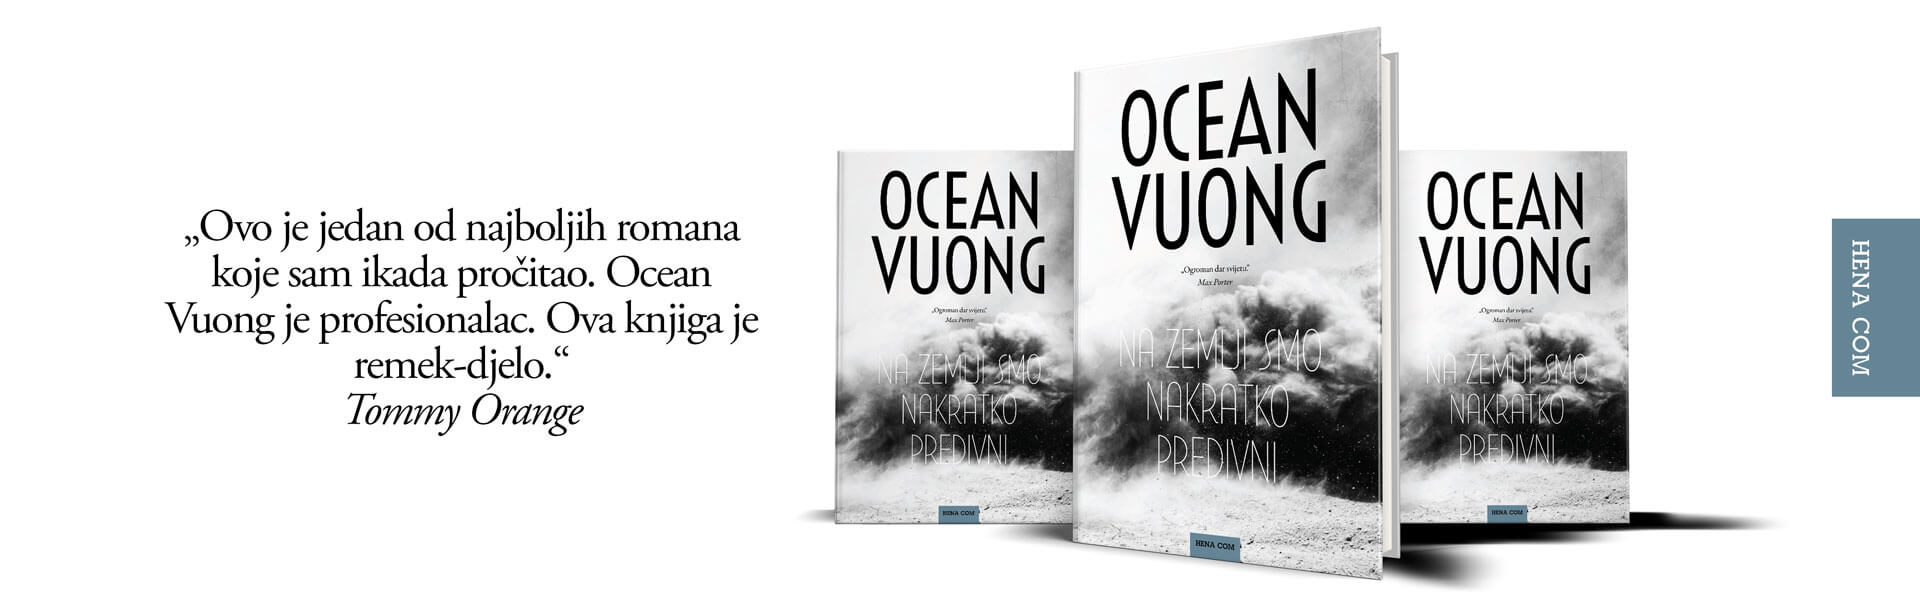 Ocean Vuong, Na zemlji smo nakratko predivni